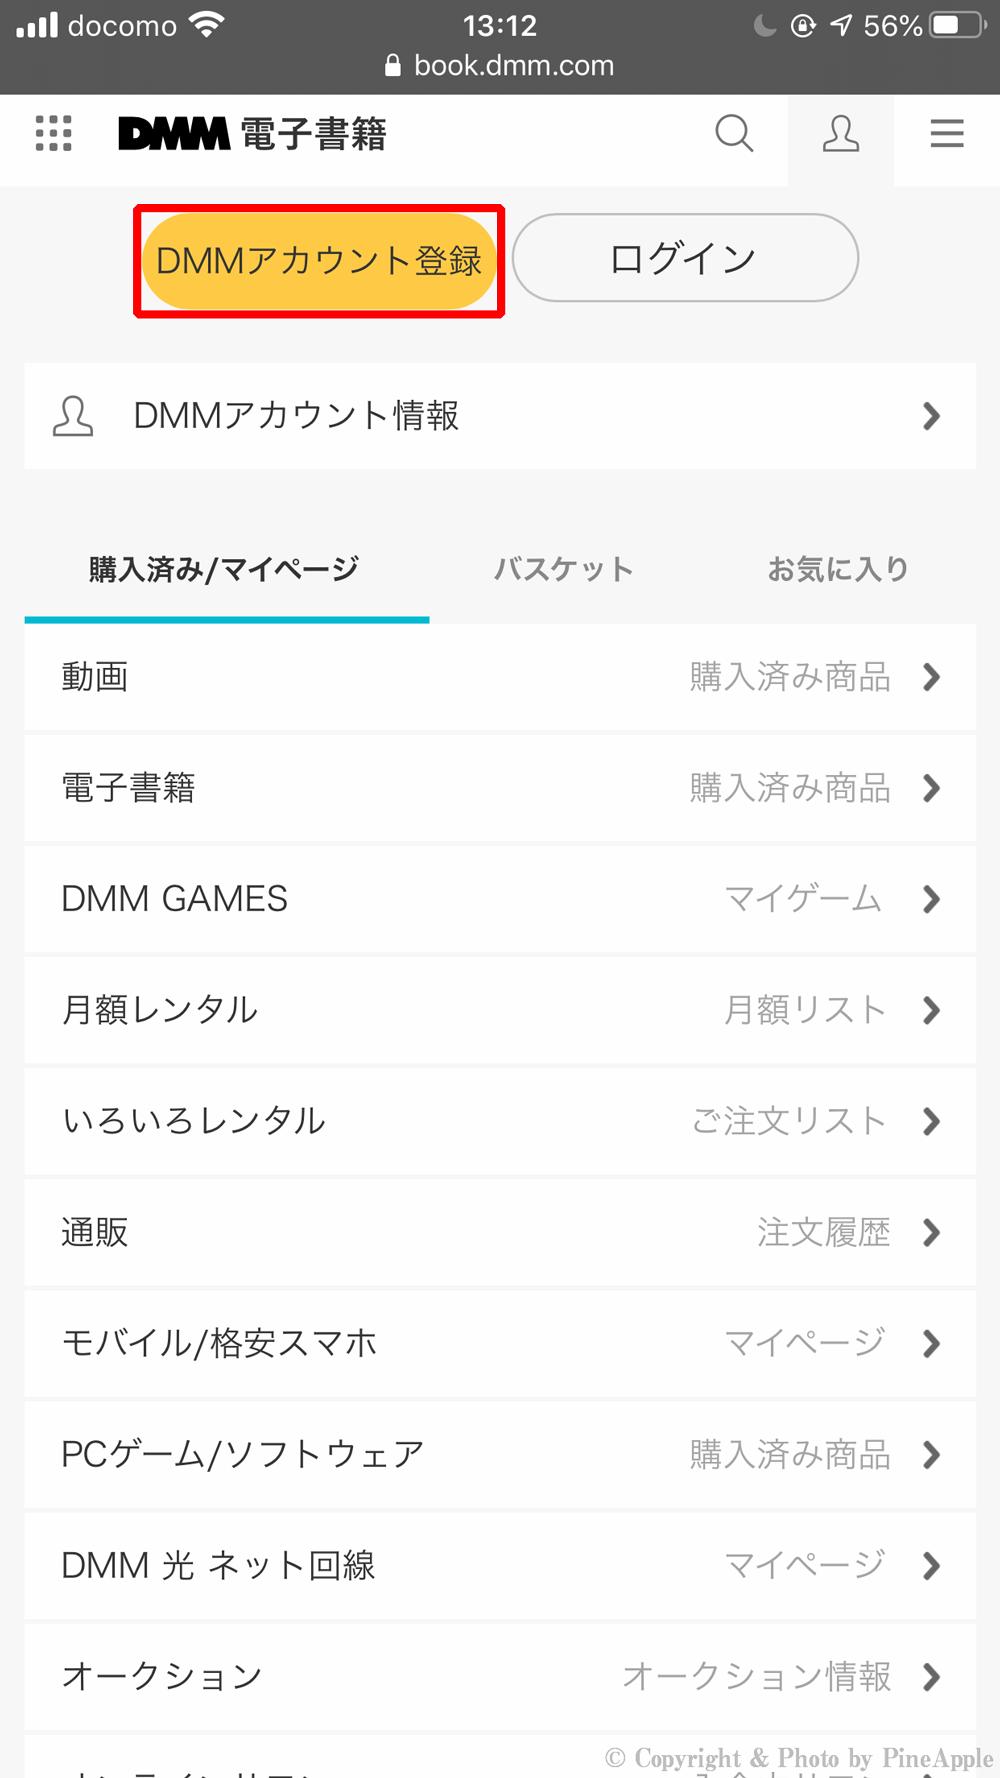 DMM アカウント:「DMM アカウント登録」をタップ